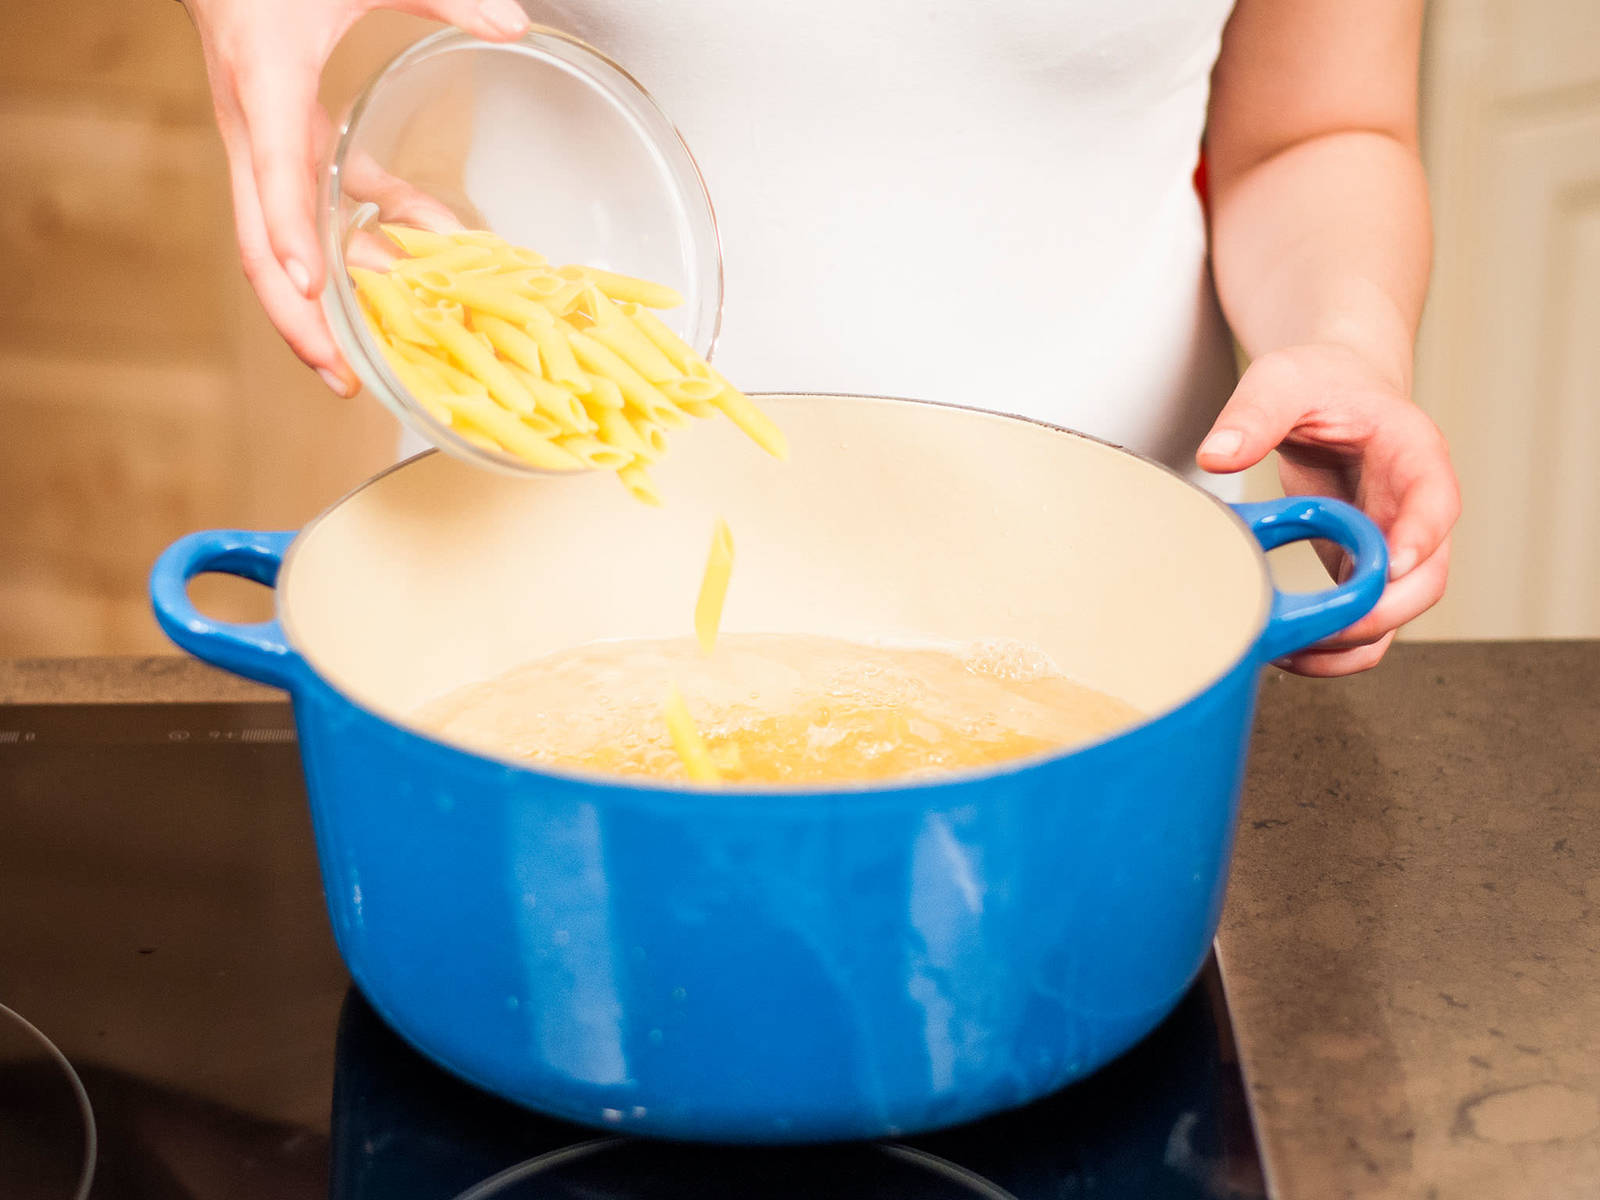 按照包装上的说明,将意大利面放入加少许盐的开水中煮10分钟左右,至有嚼劲。沥干水分后静置冷却。